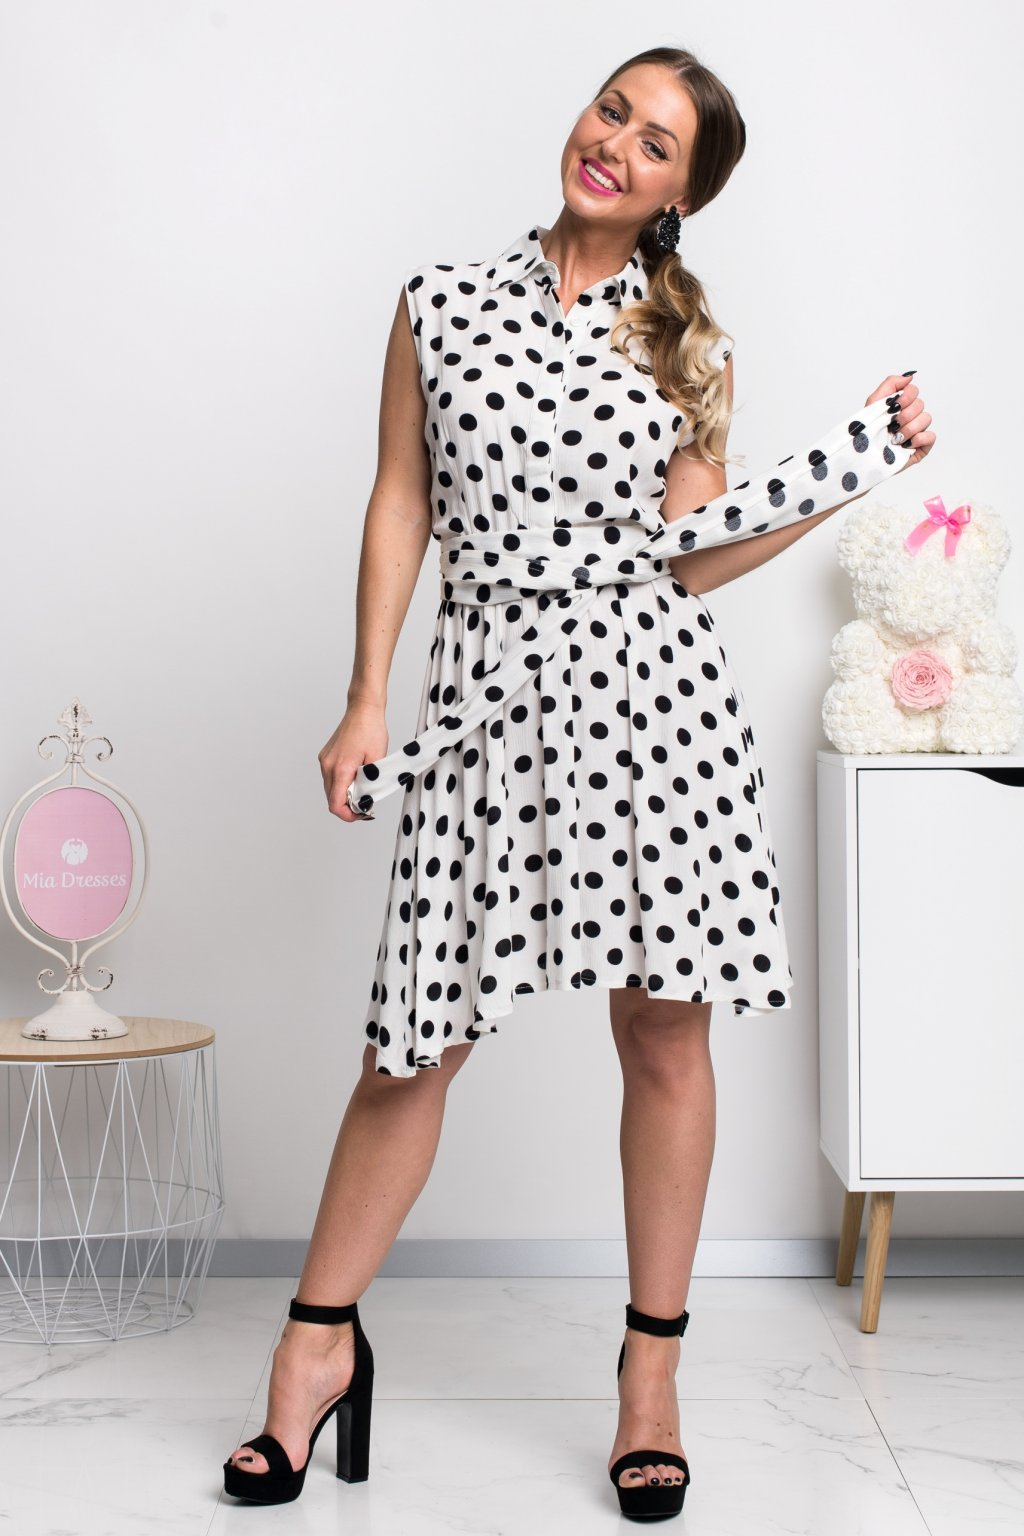 Bielo-čierne bodkované krátke šaty